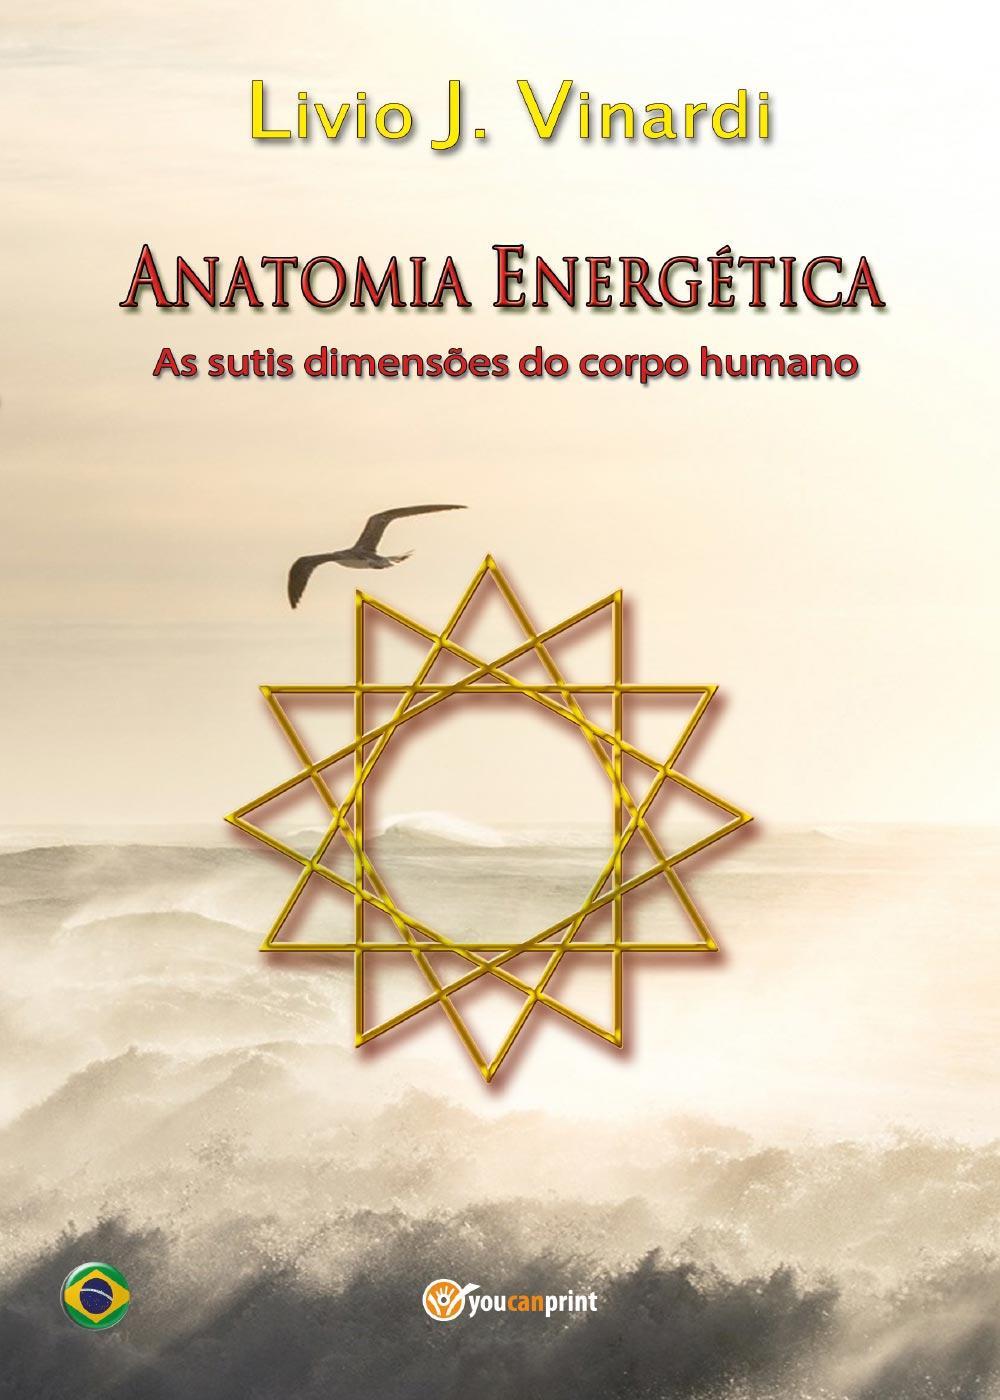 Anatomia Energética - As sutis dimensões do corpo humano (Em Português)